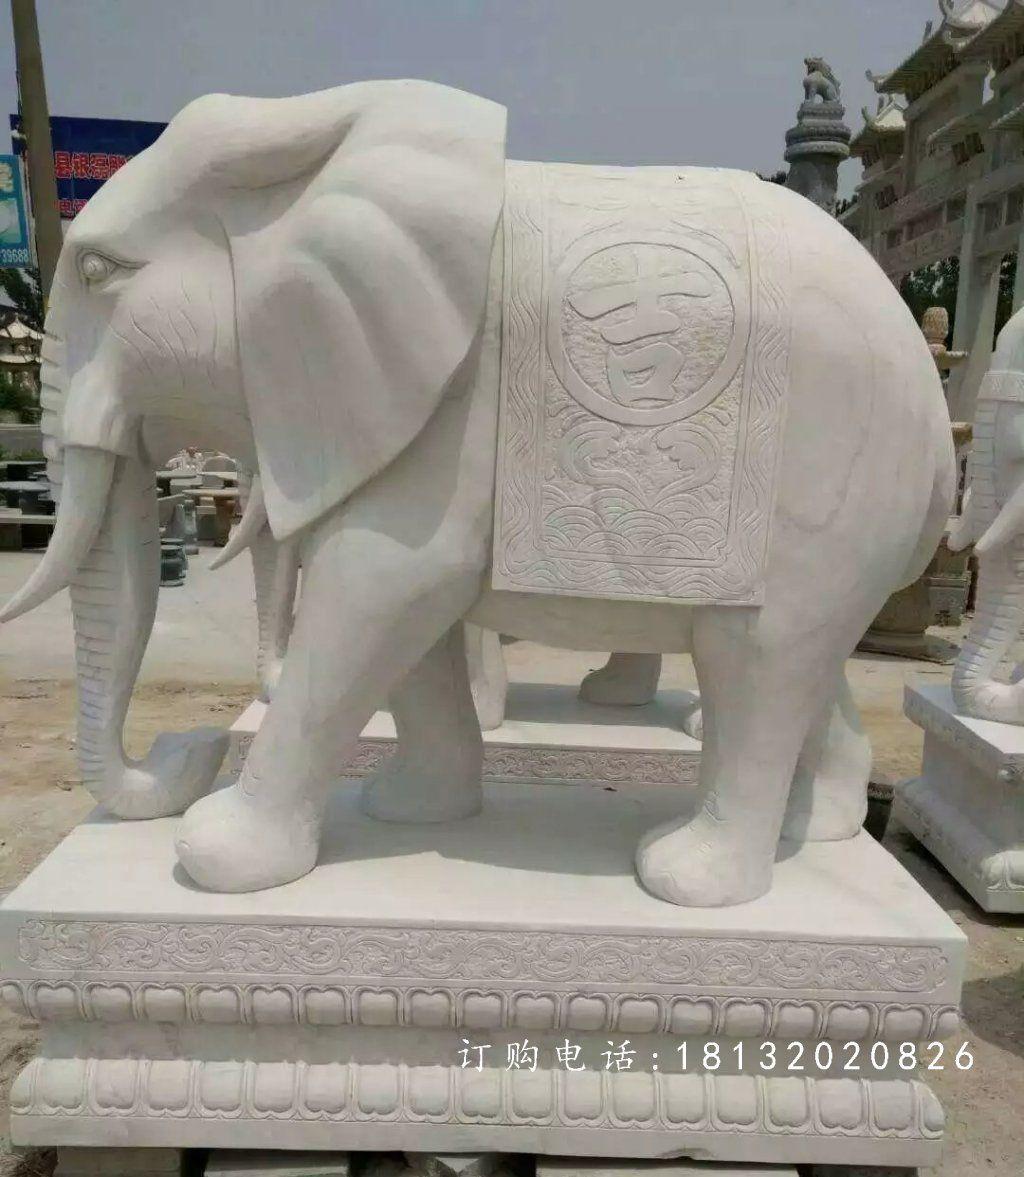 大象石雕,汉白玉大象雕塑 ,动物雕塑